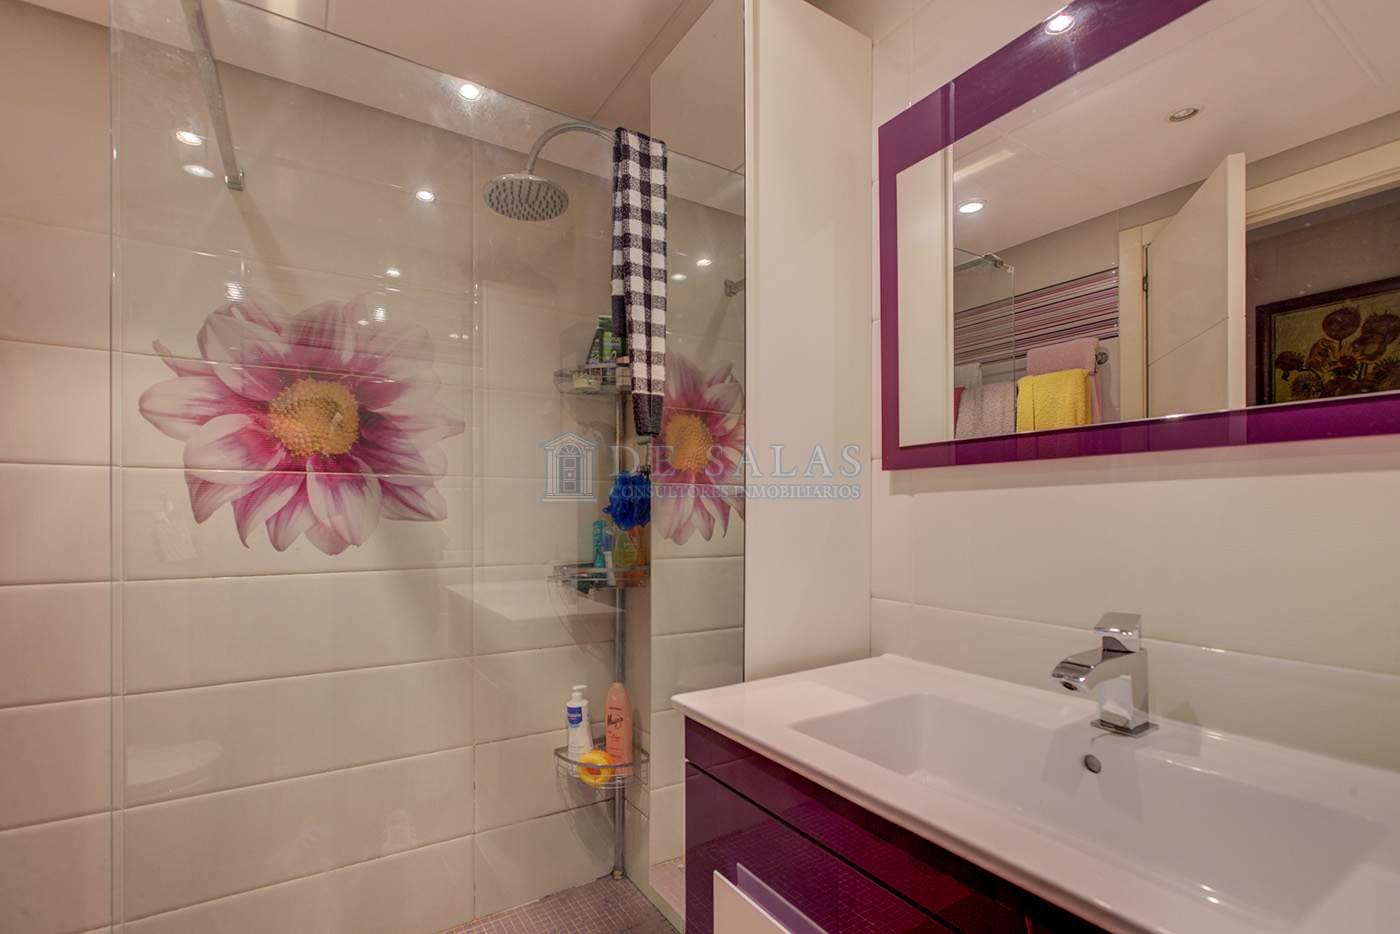 Baño-IMG_4268_69_70 copia Flat El Encinar de los Reyes